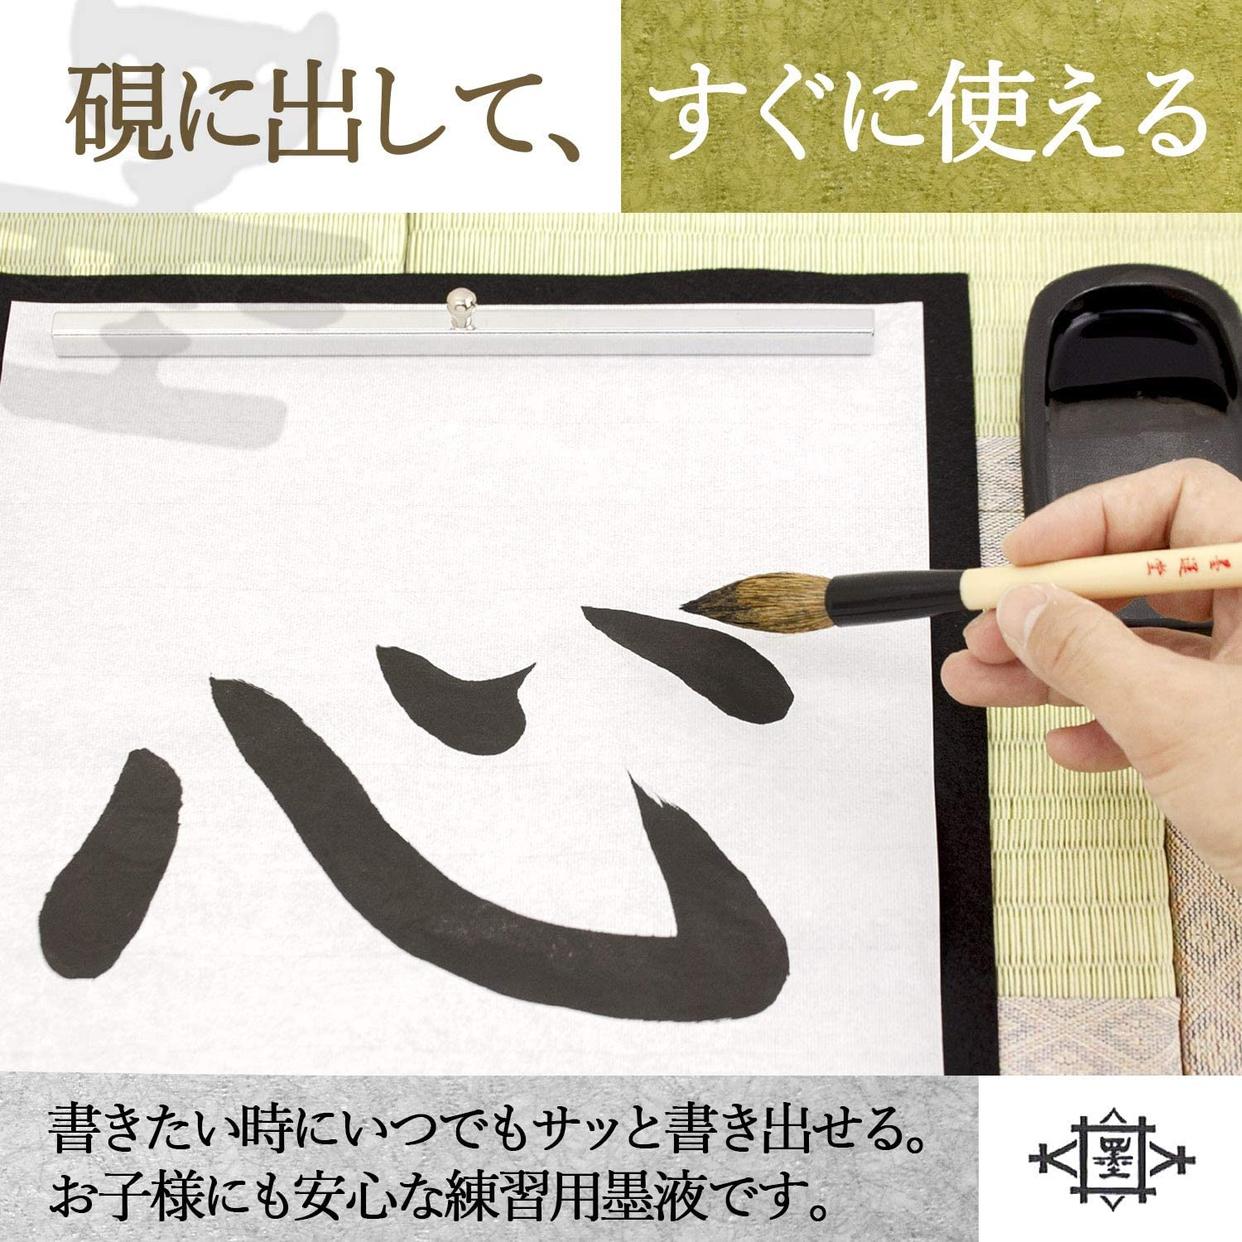 墨運堂 墨の精 墨液 12207の商品画像3